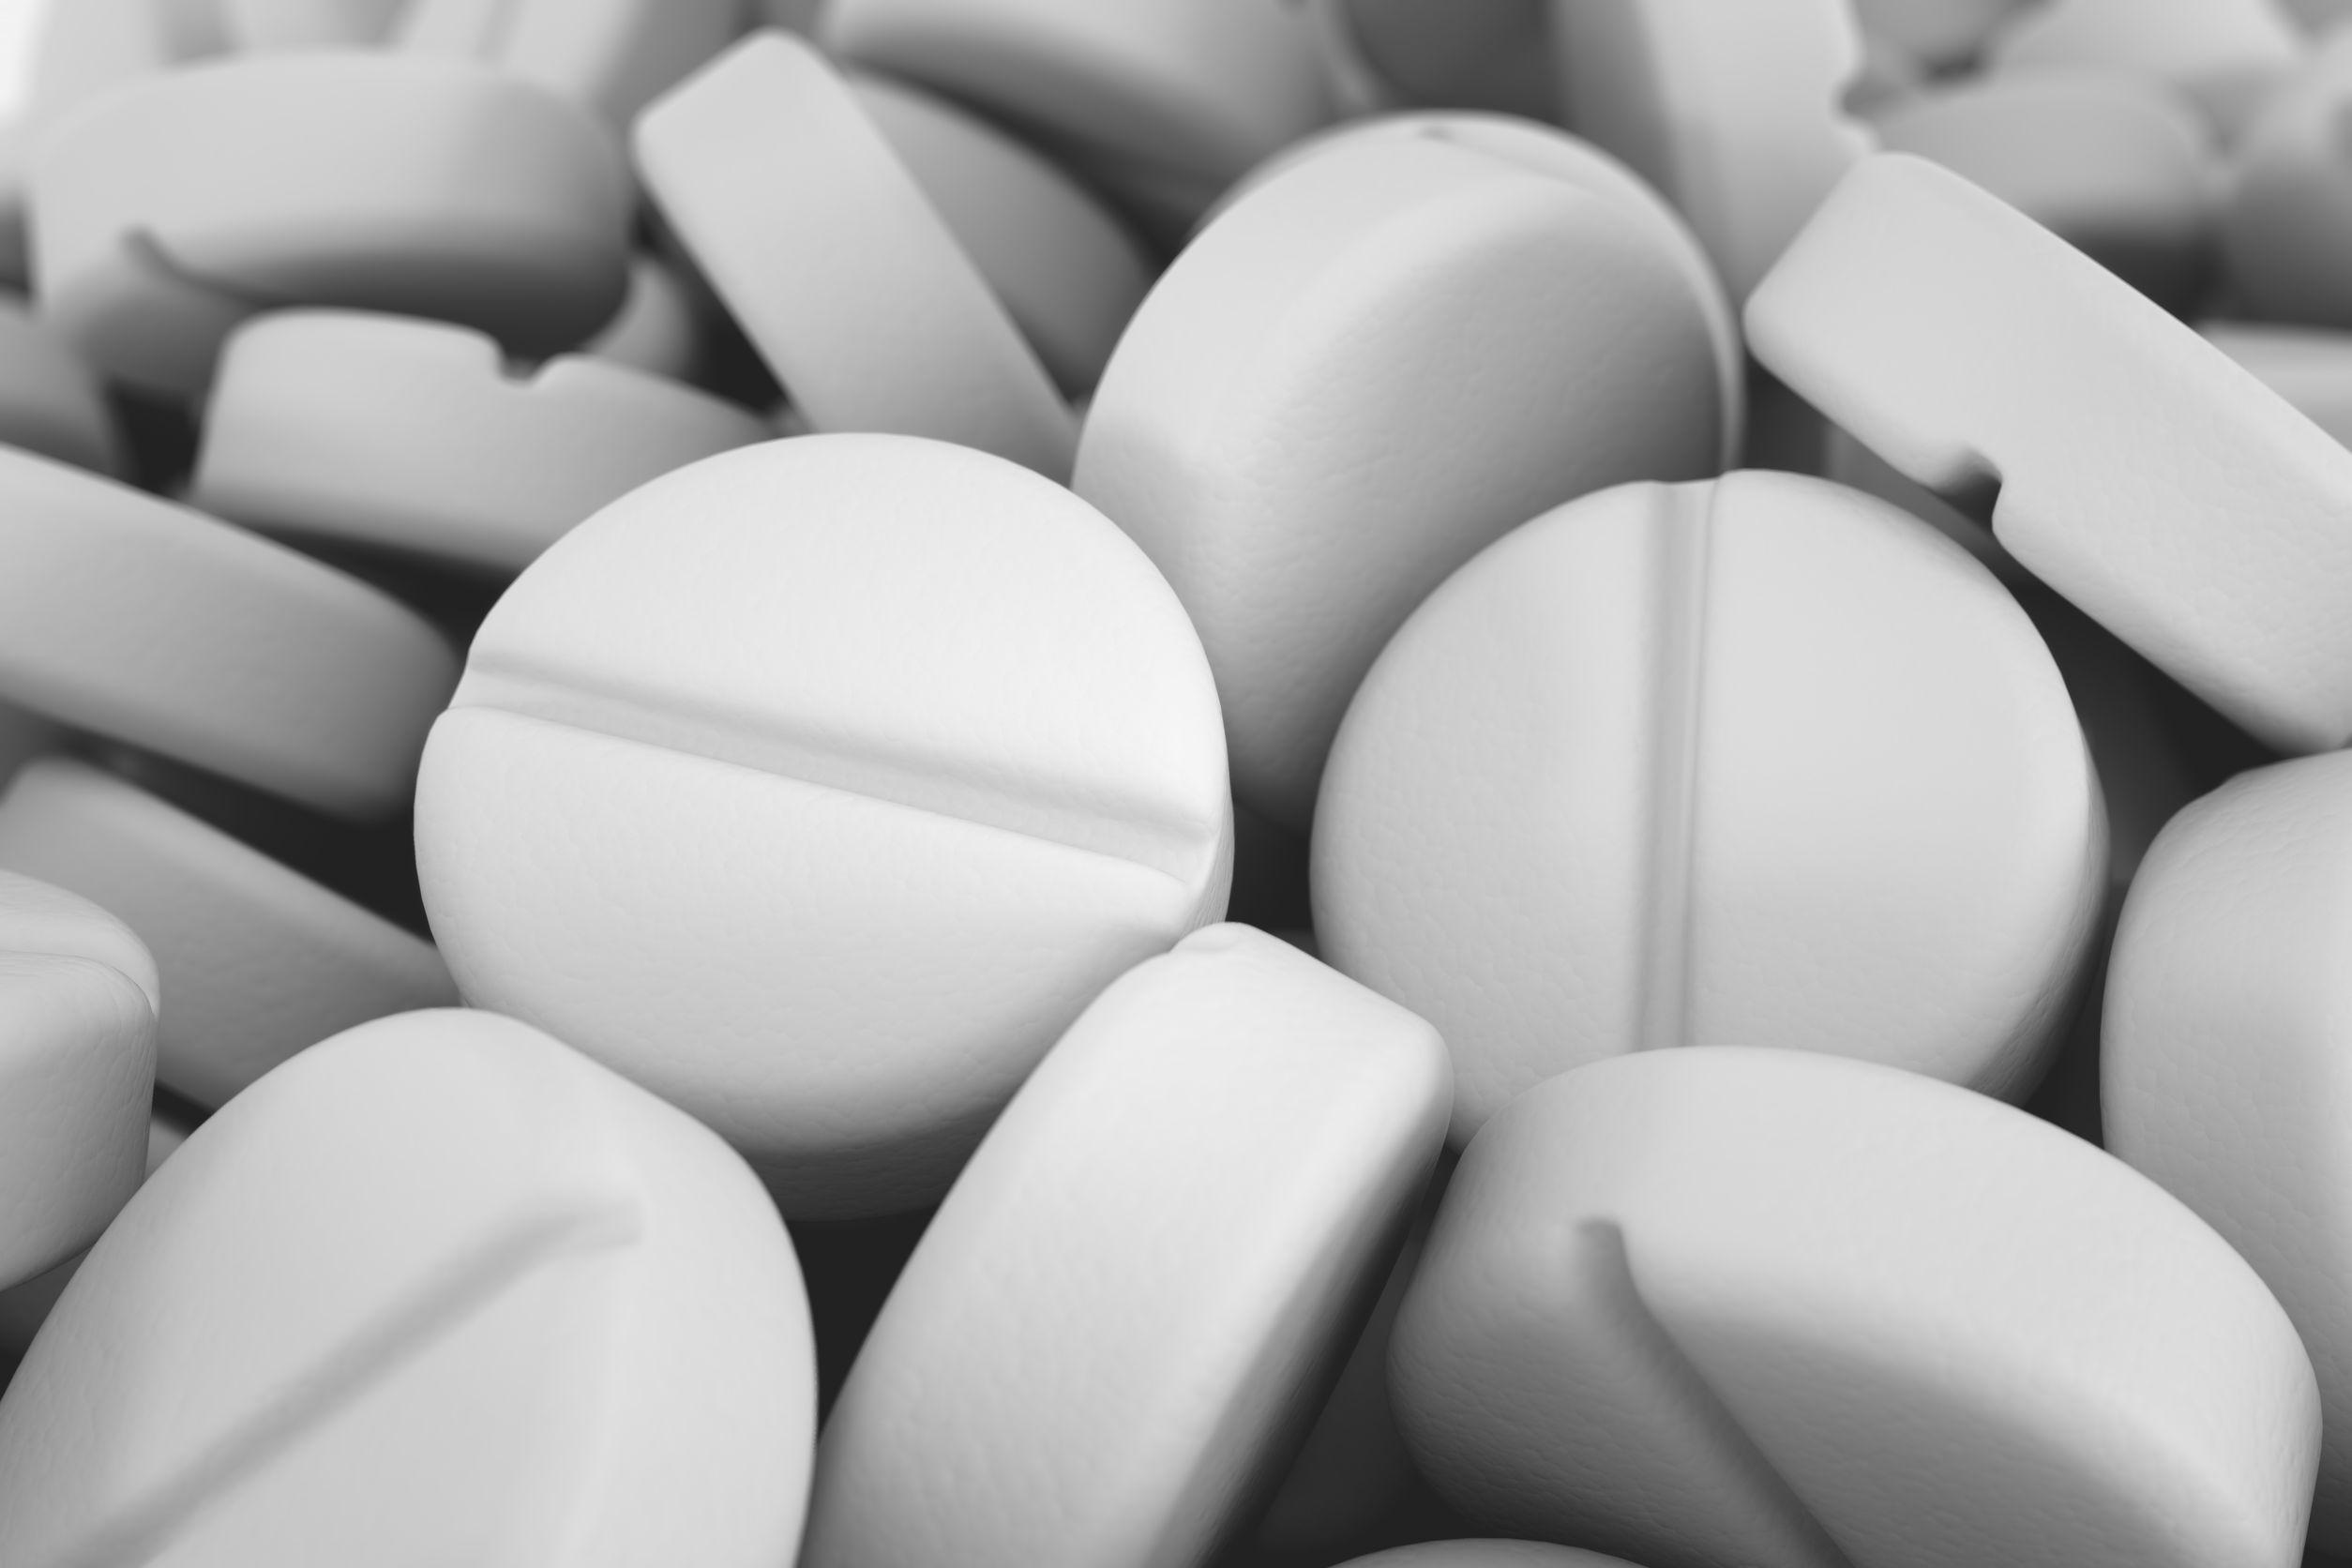 White Pills Drug Abuse